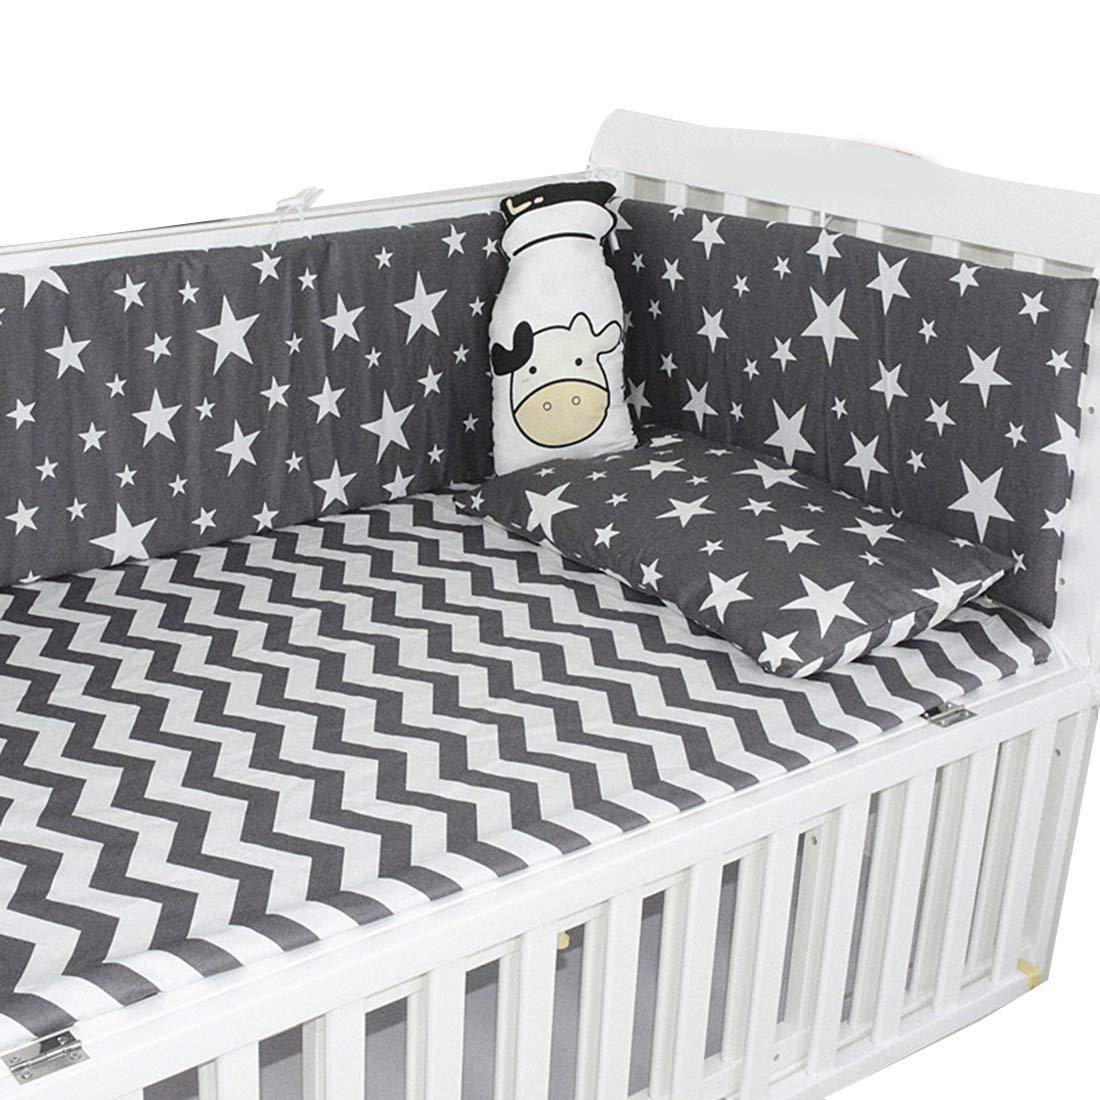 Jiyaru Baby Bumper Crib Cotton Breathable Liner Pad Toddler Guards Rail #5